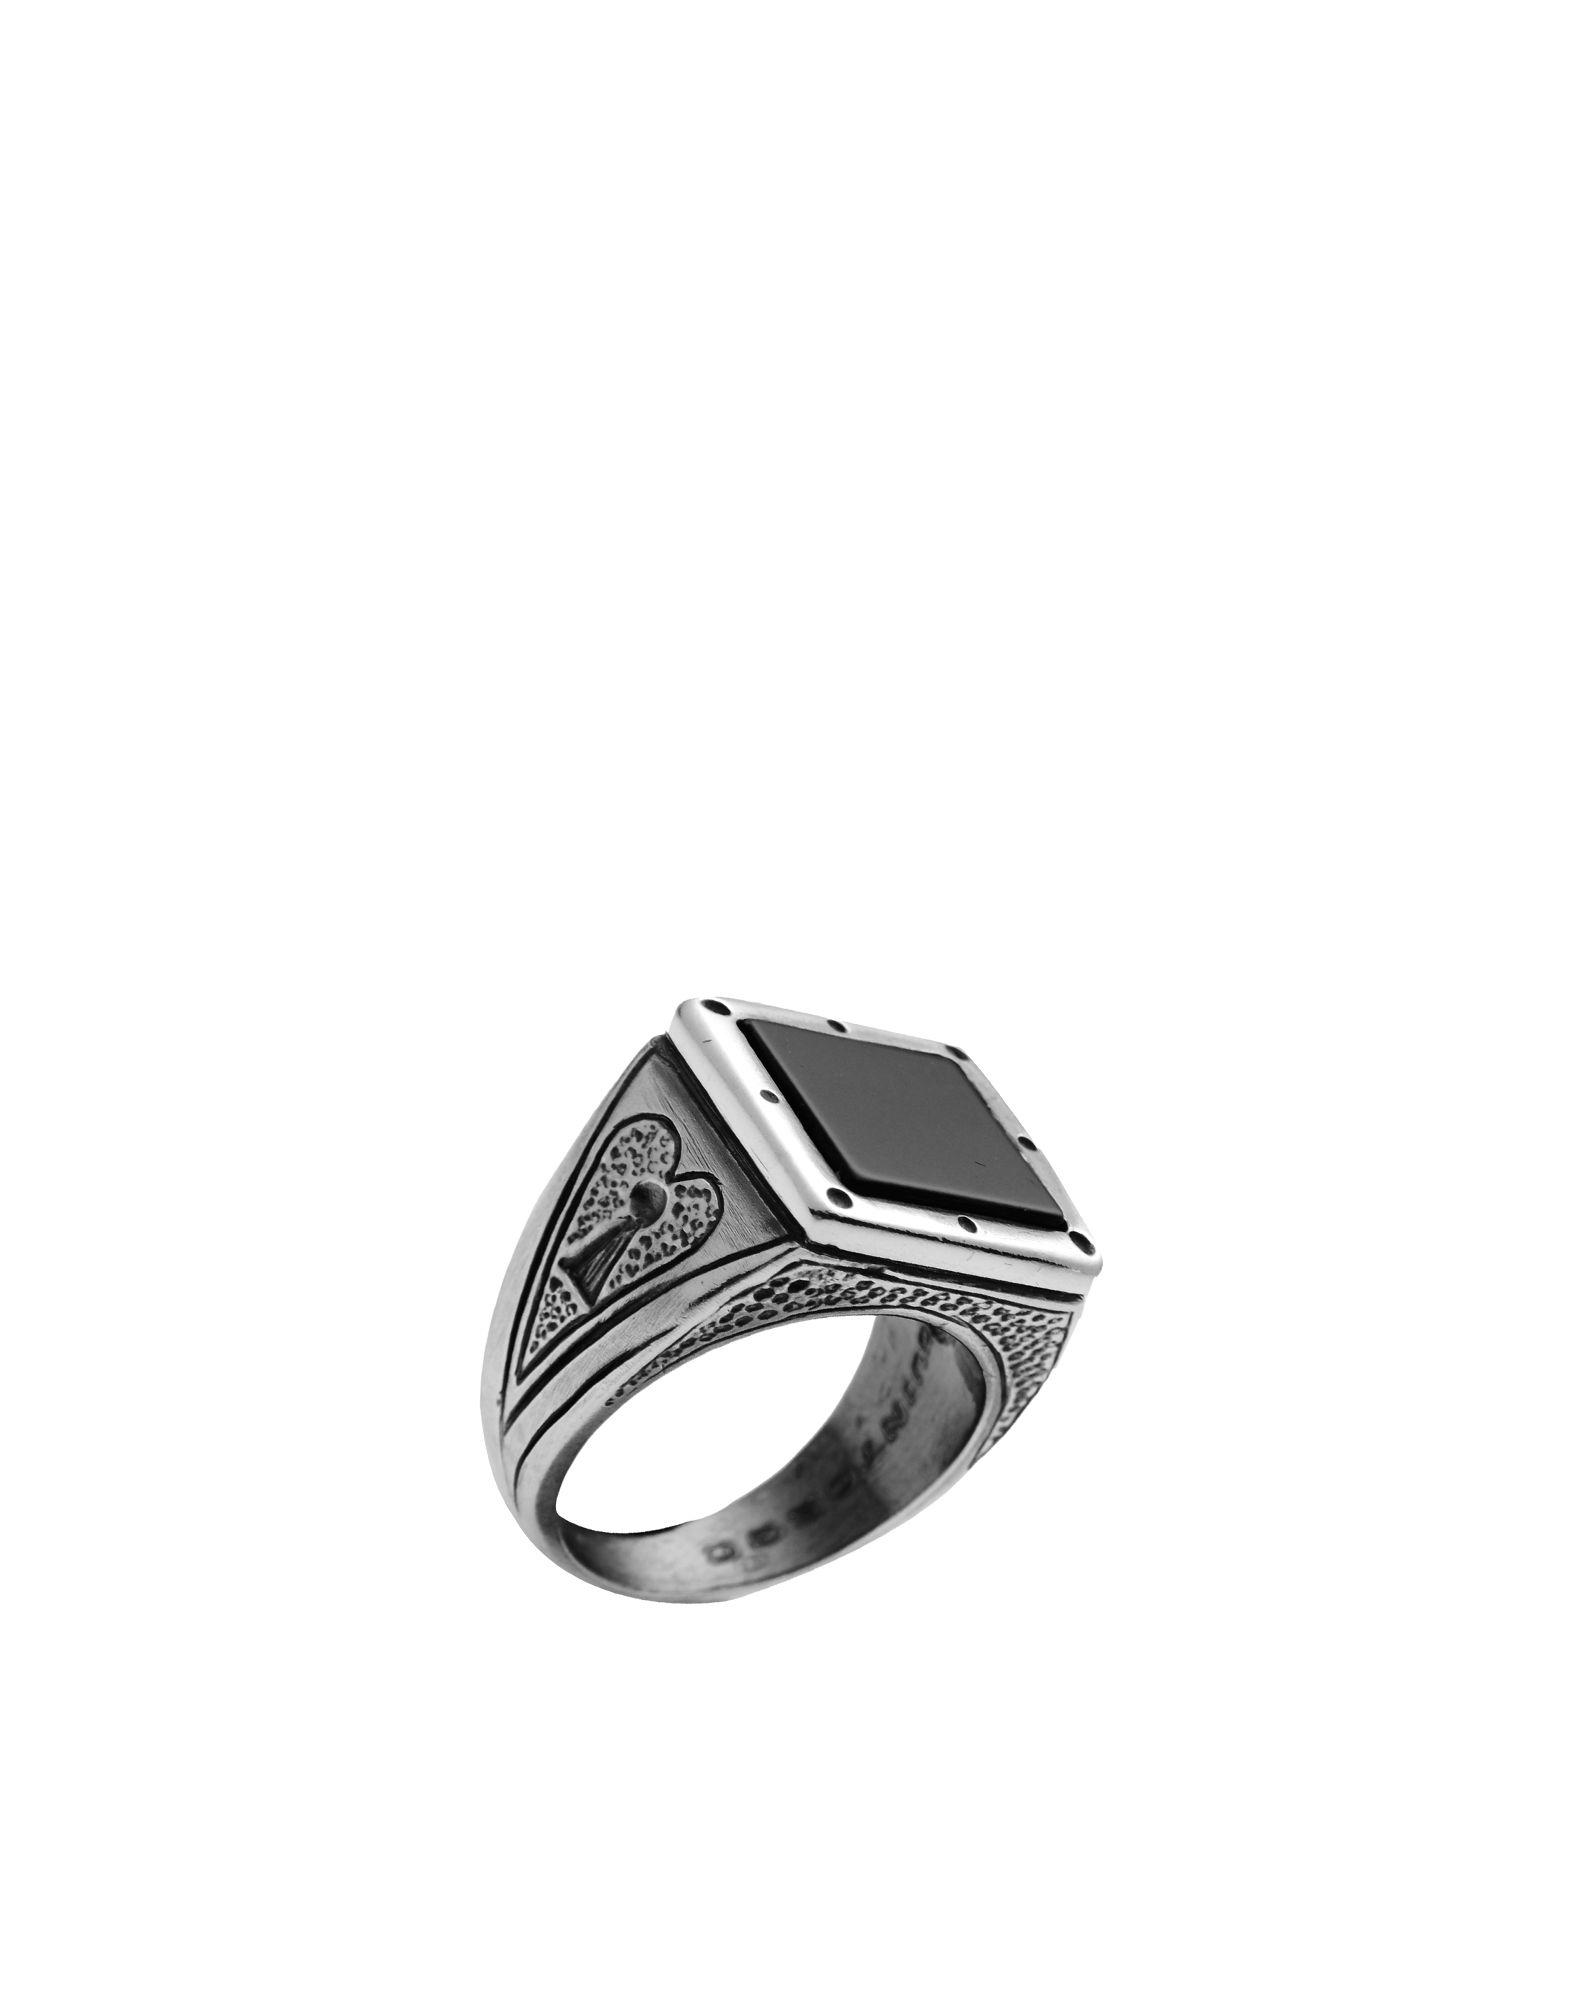 《セール開催中》FIRST PEOPLE FIRST メンズ 指輪 シルバー 20 シルバー925/1000 / オニキス ANELLO PICCHE